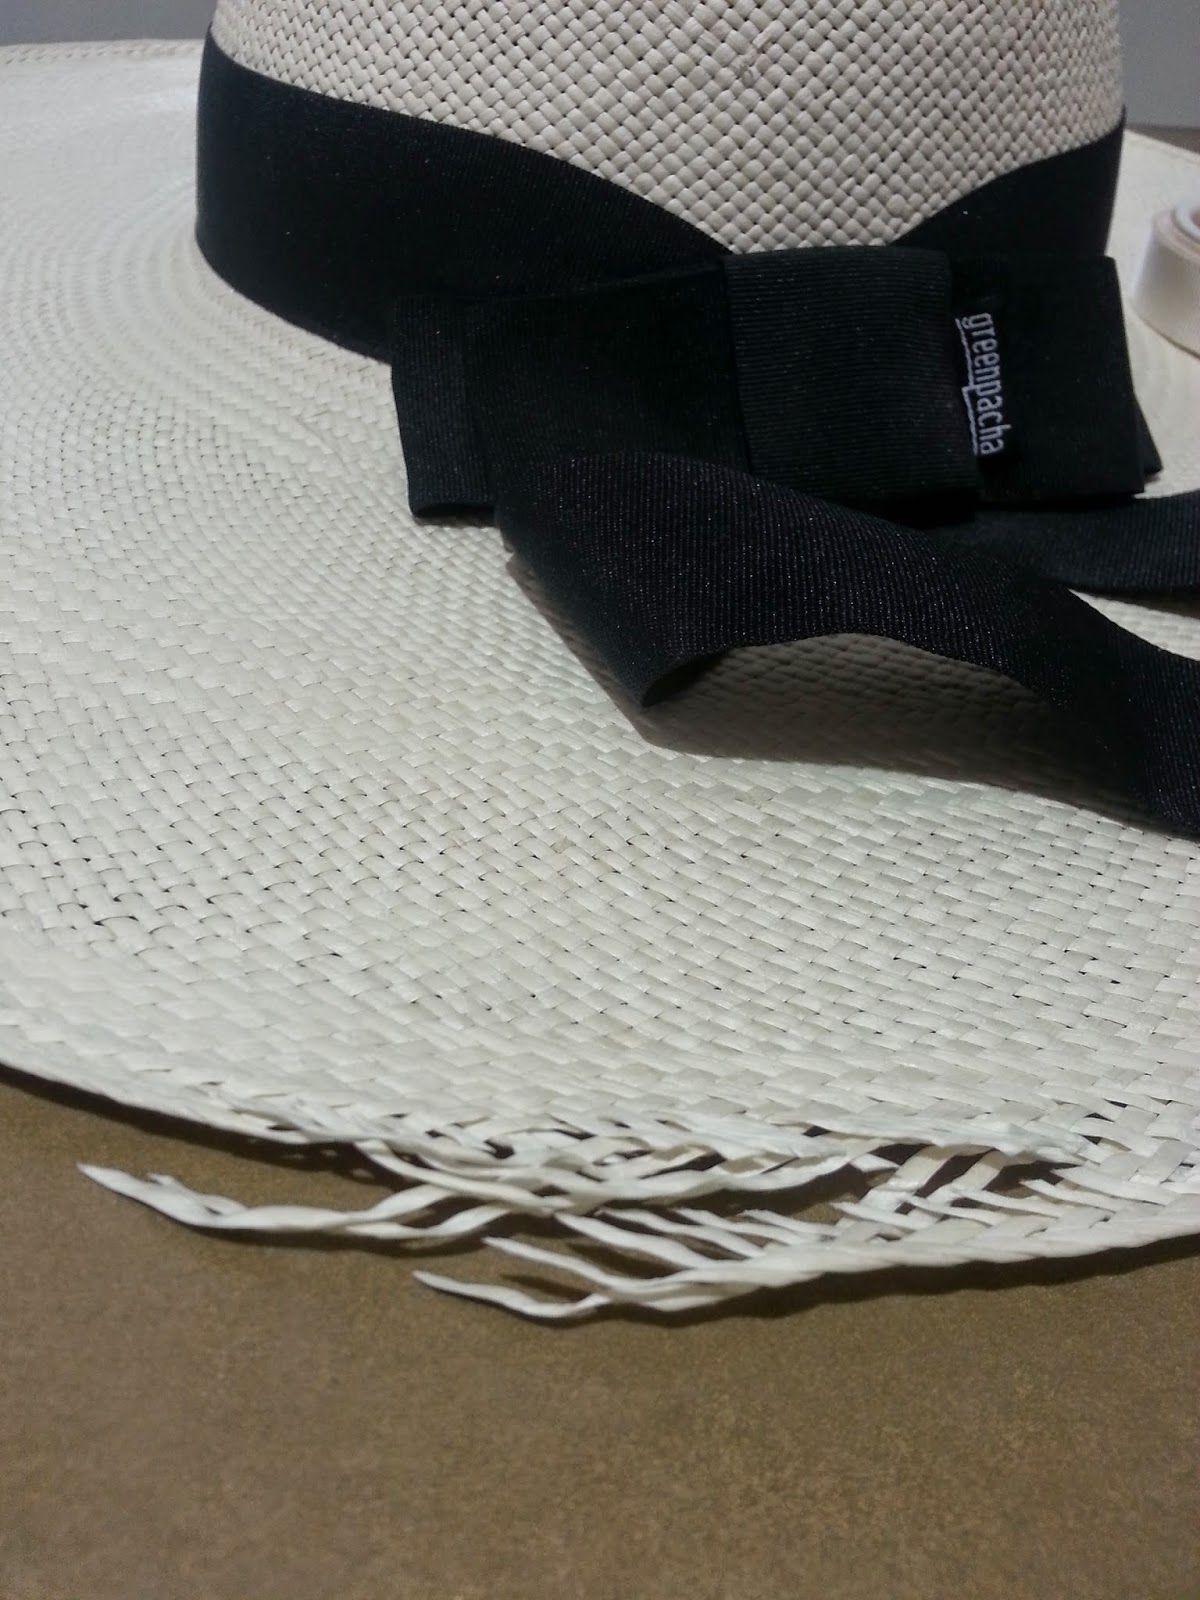 Julie Fleming Melbourne Large Brim Panama Hat Repair Panama Hat Hats Panama